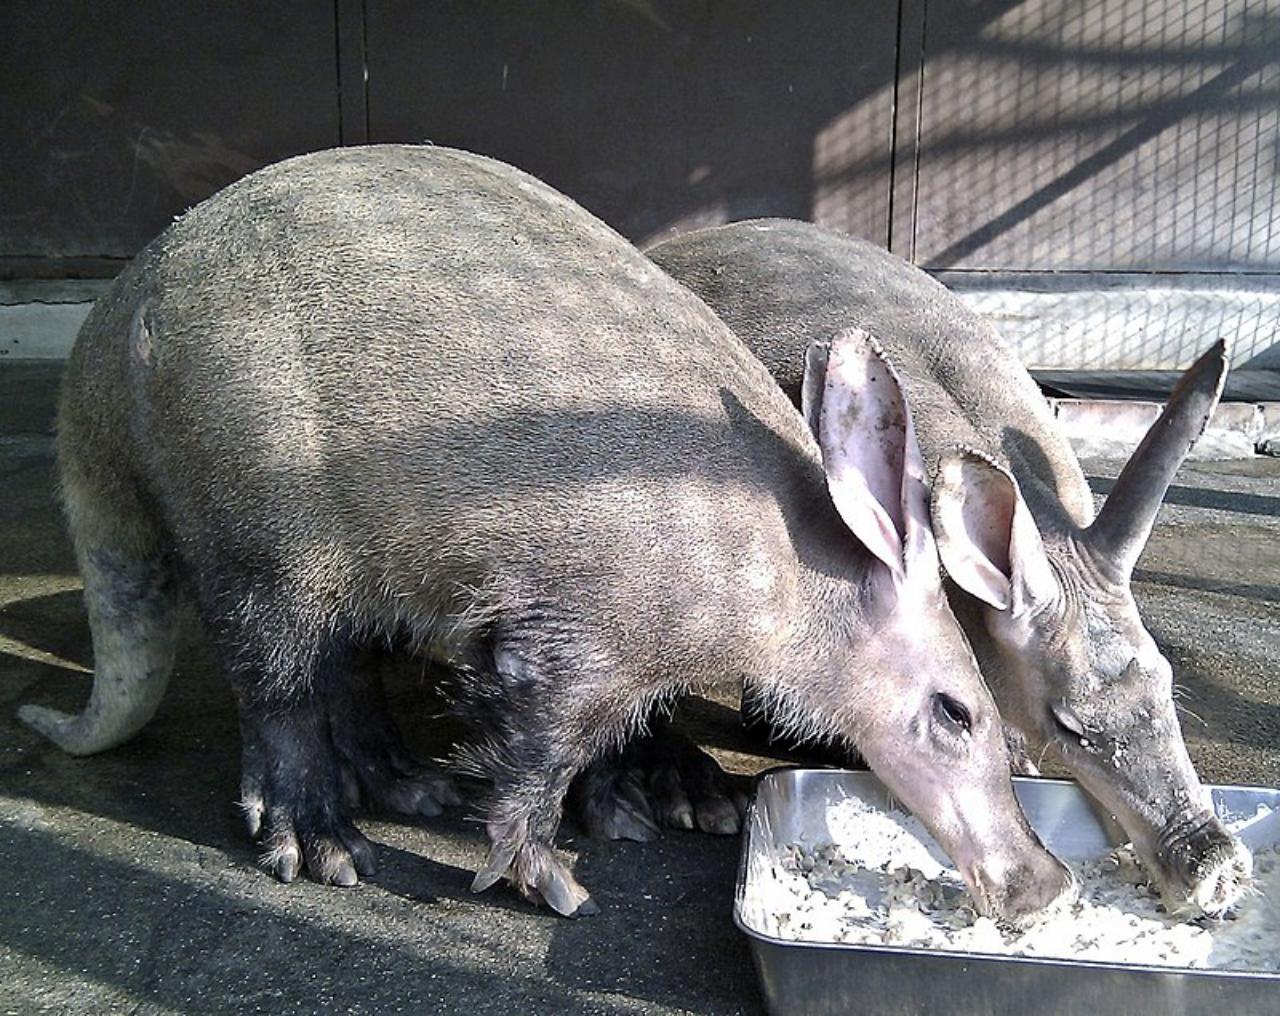 【ツチブタ】かつてはアリクイの仲間と考えられていた、名前にブタと名前の入っているややこしい動物